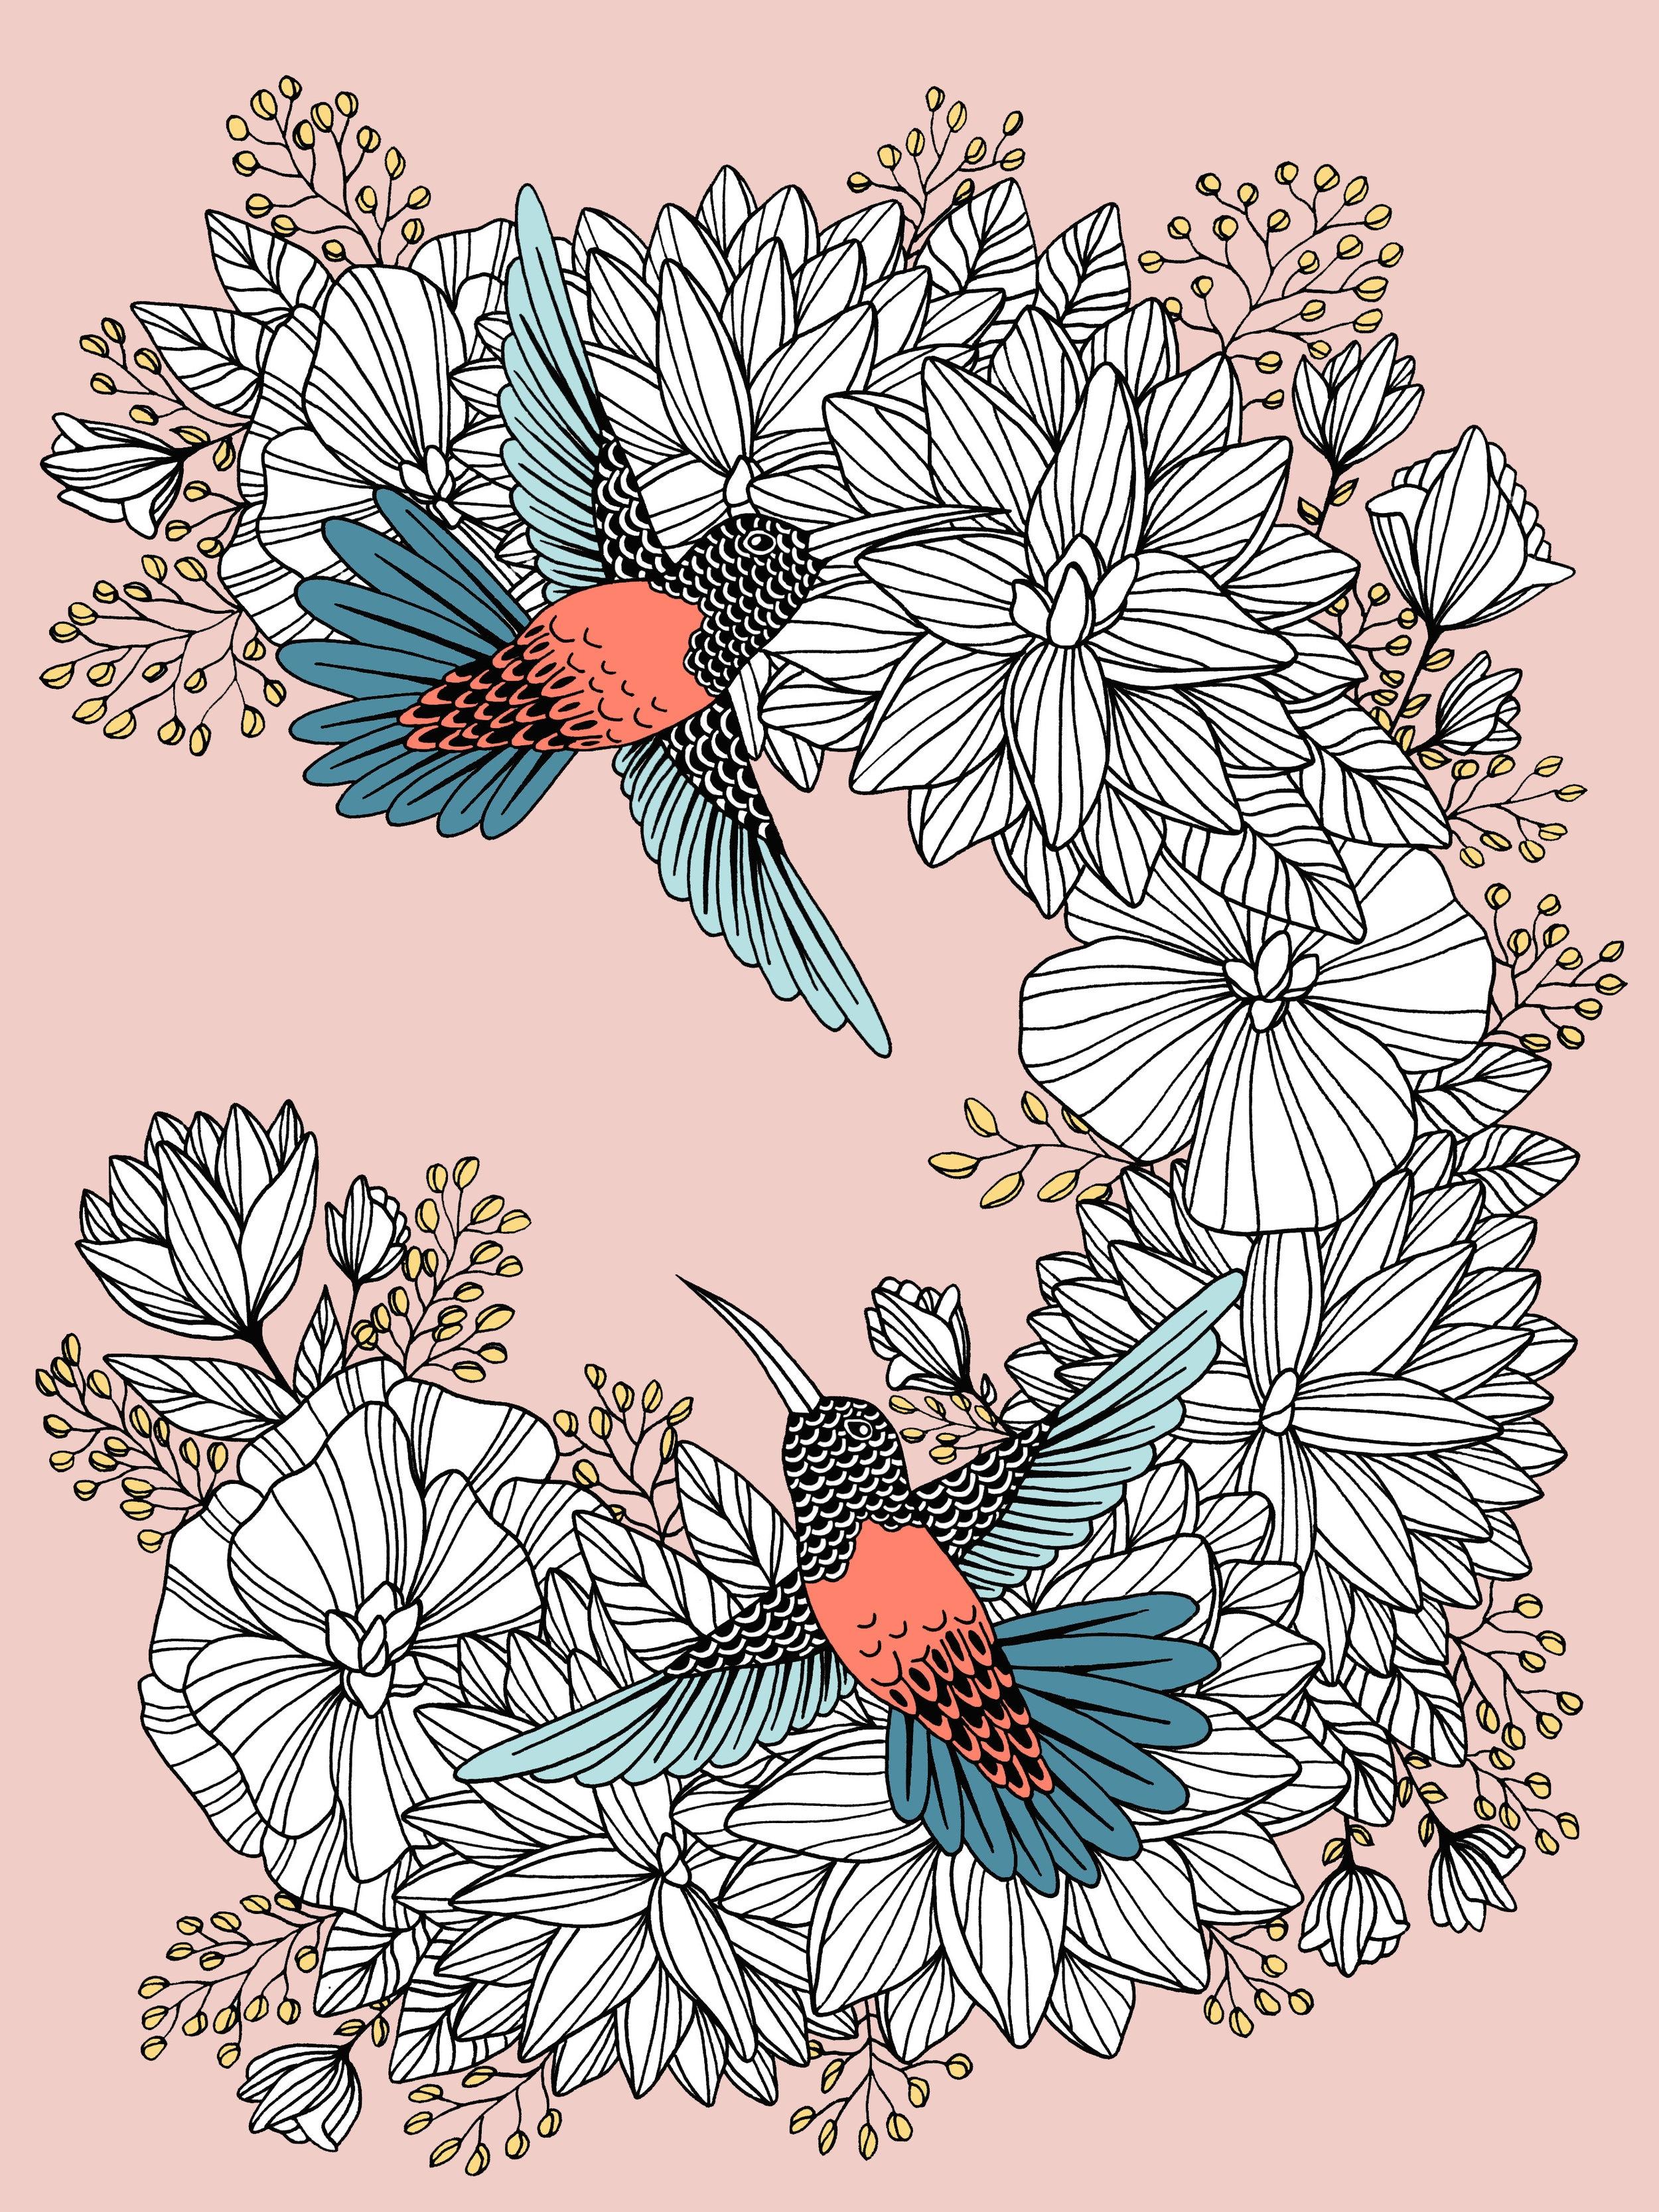 Hummingbirds_color.jpg